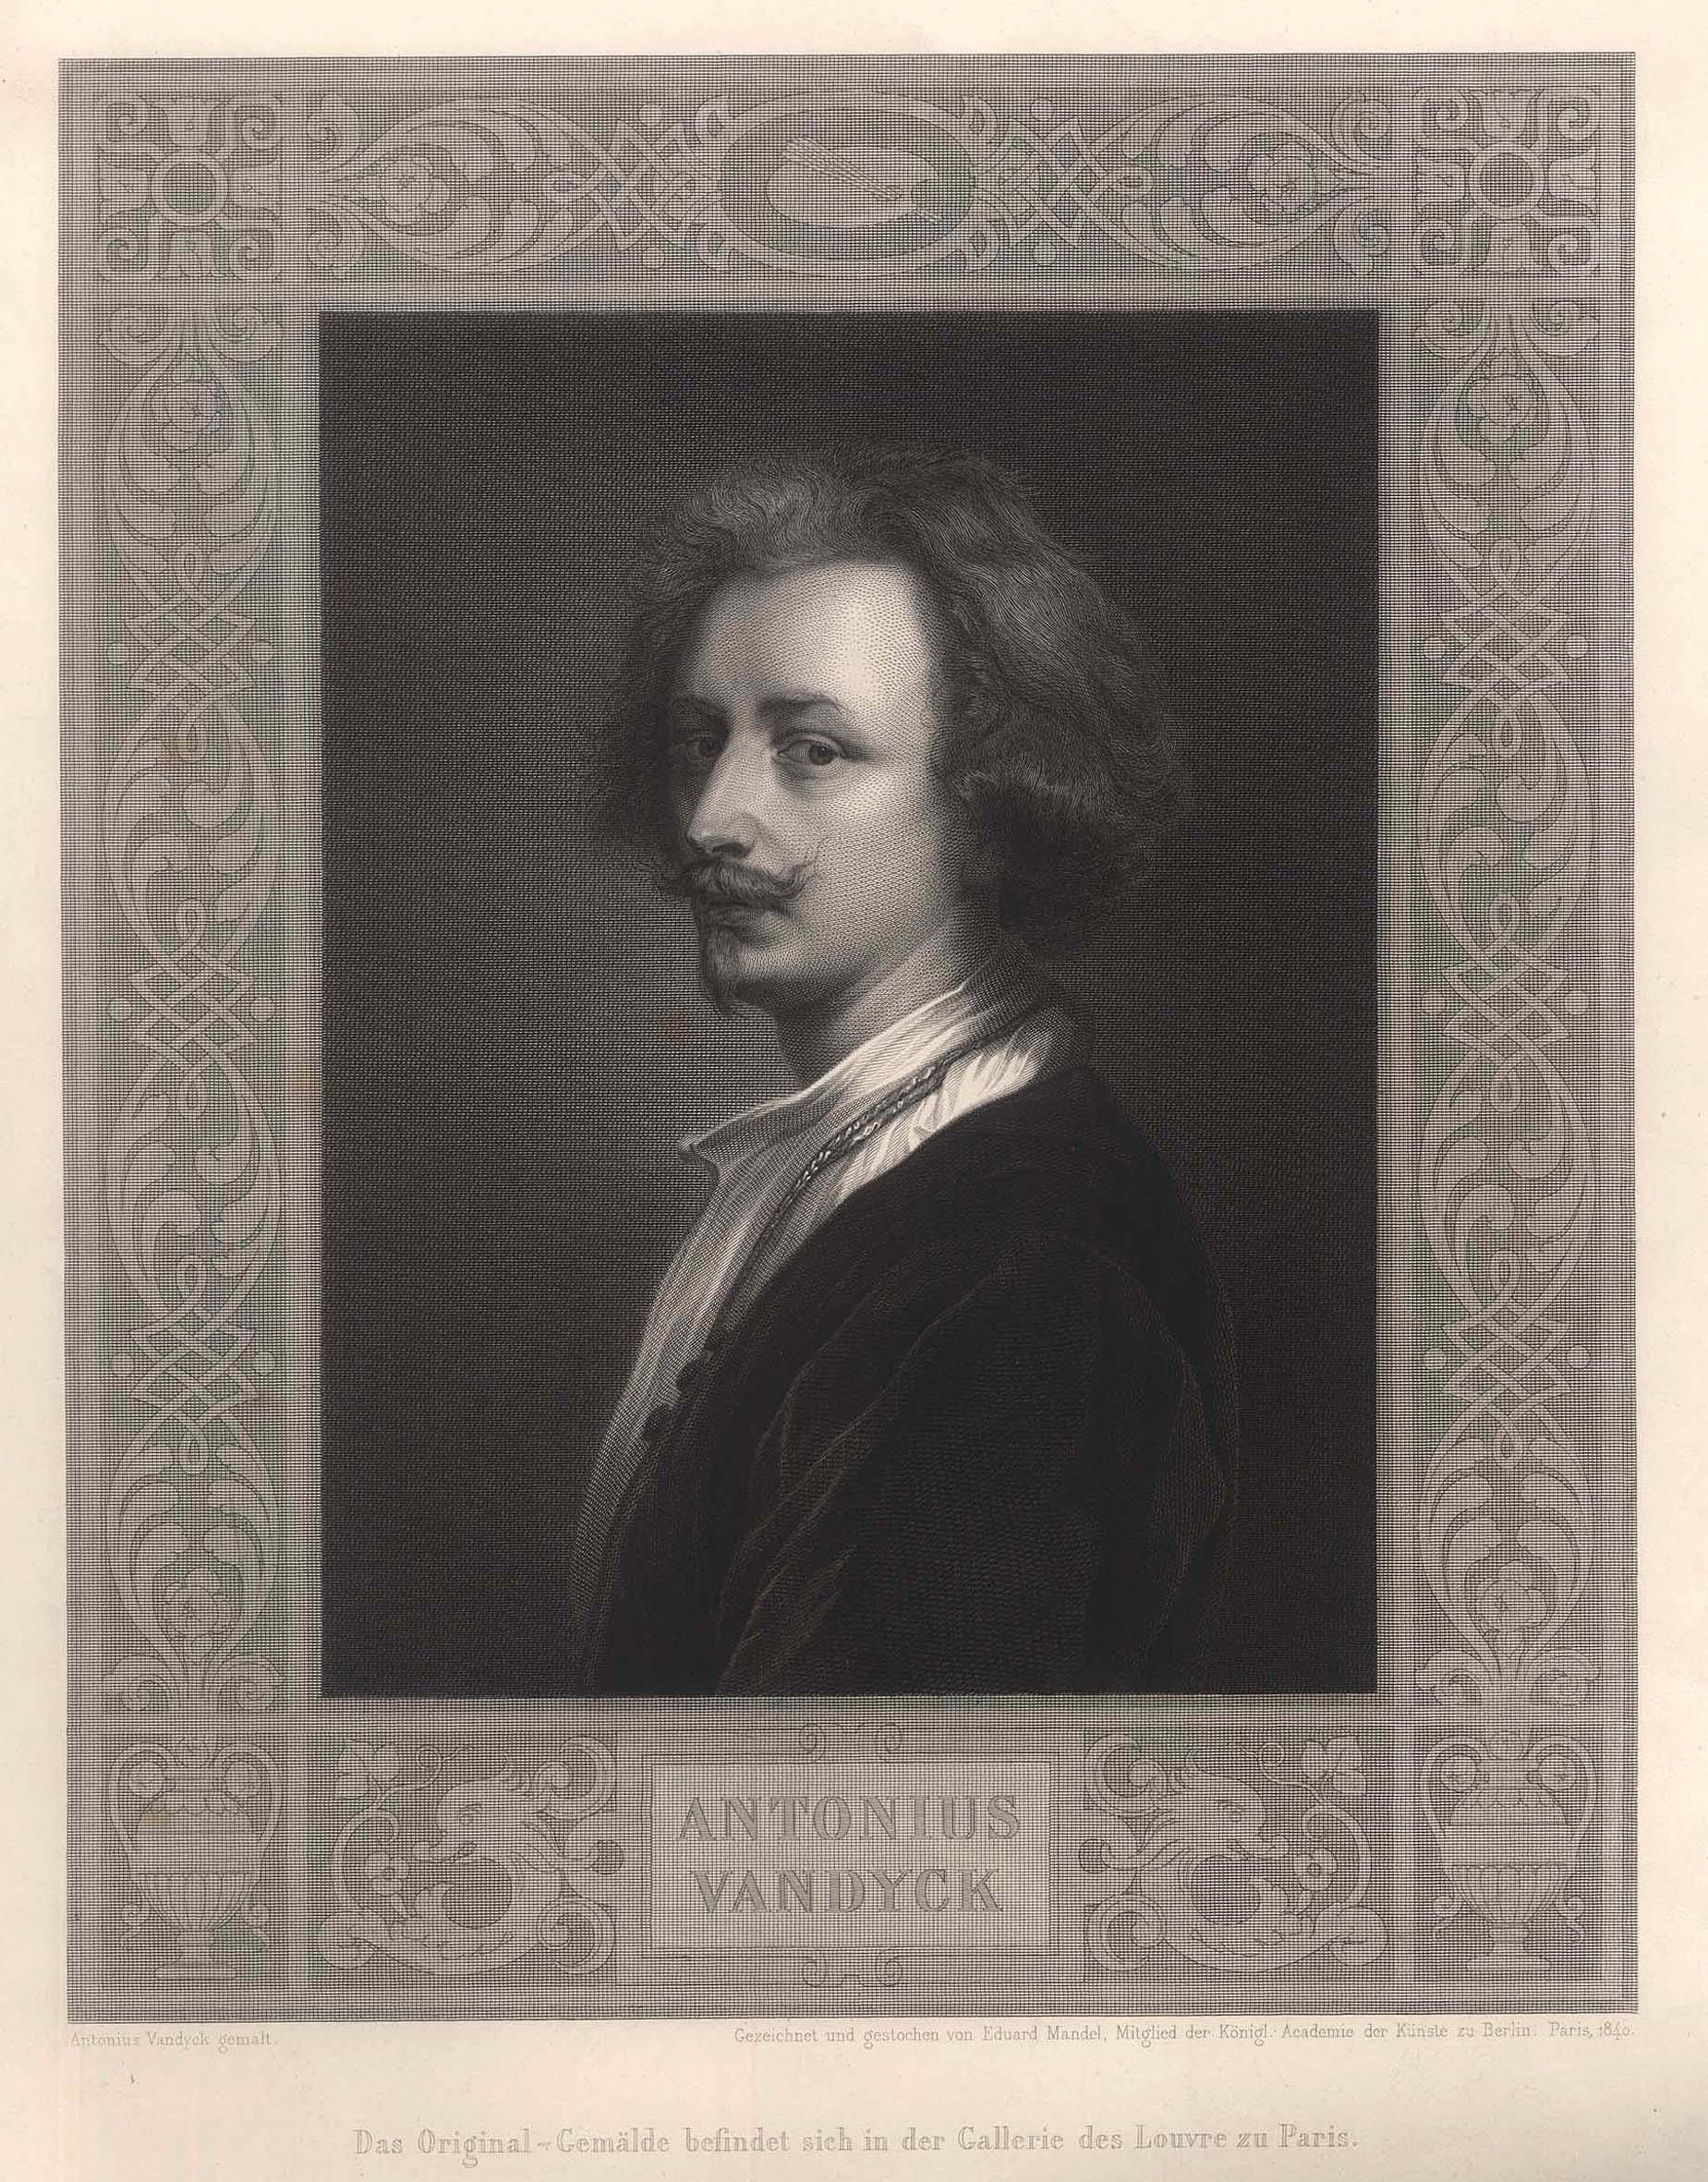 Sir Anthonis van Dyck (Antwerpen 22. 03.: DYCK, Anthonis van